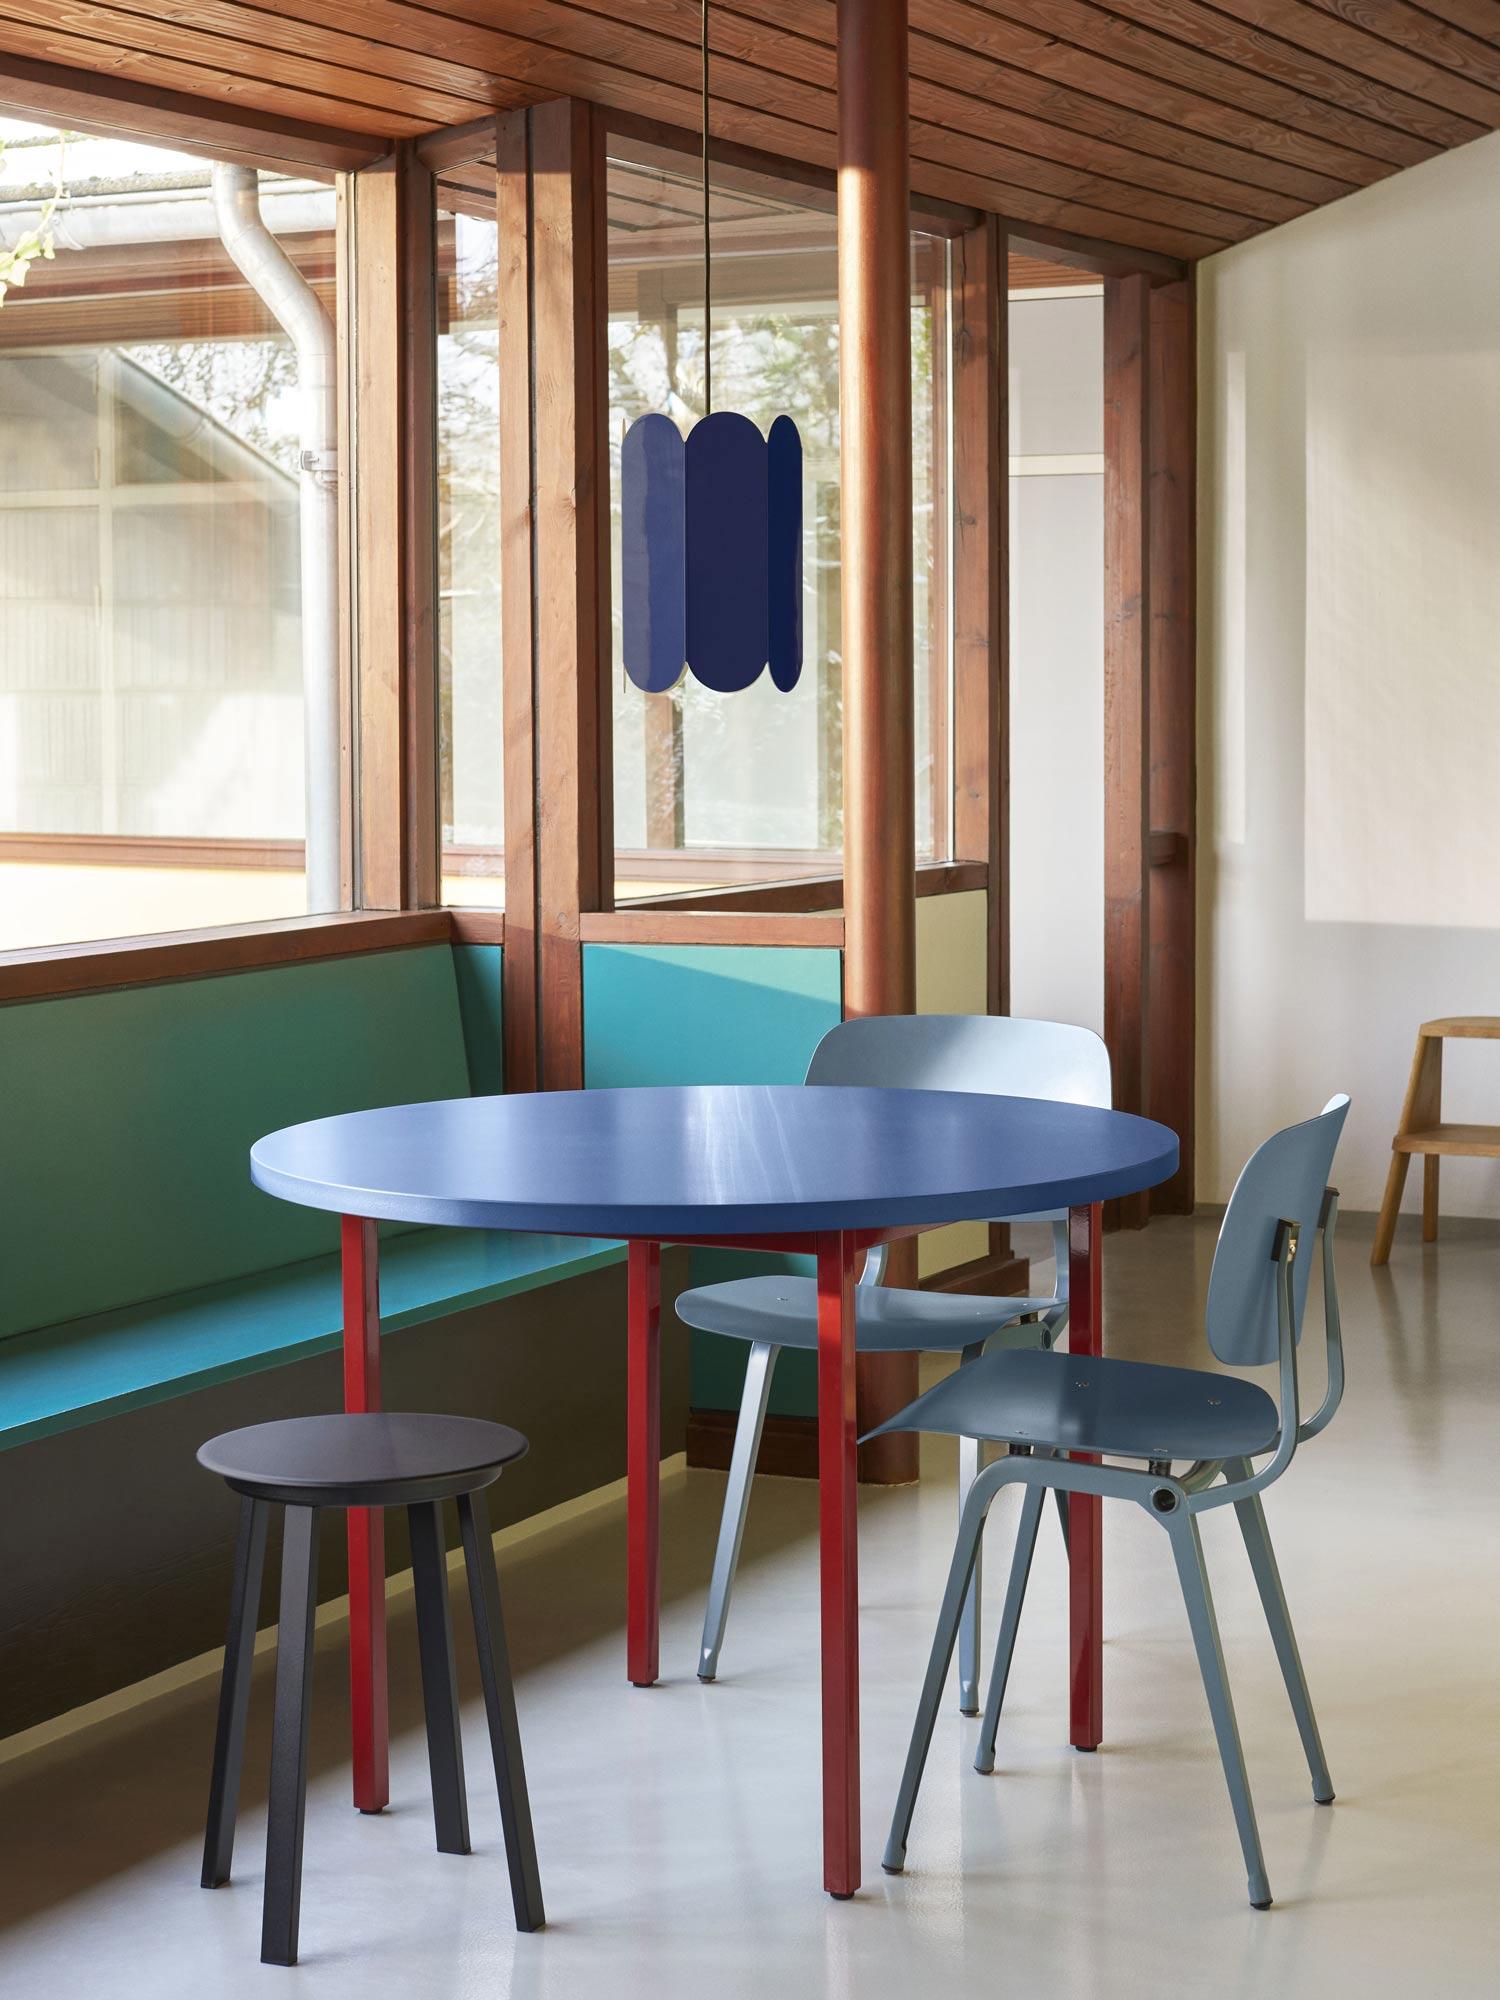 Bunter Tisch von Muller Van Severen für HAY